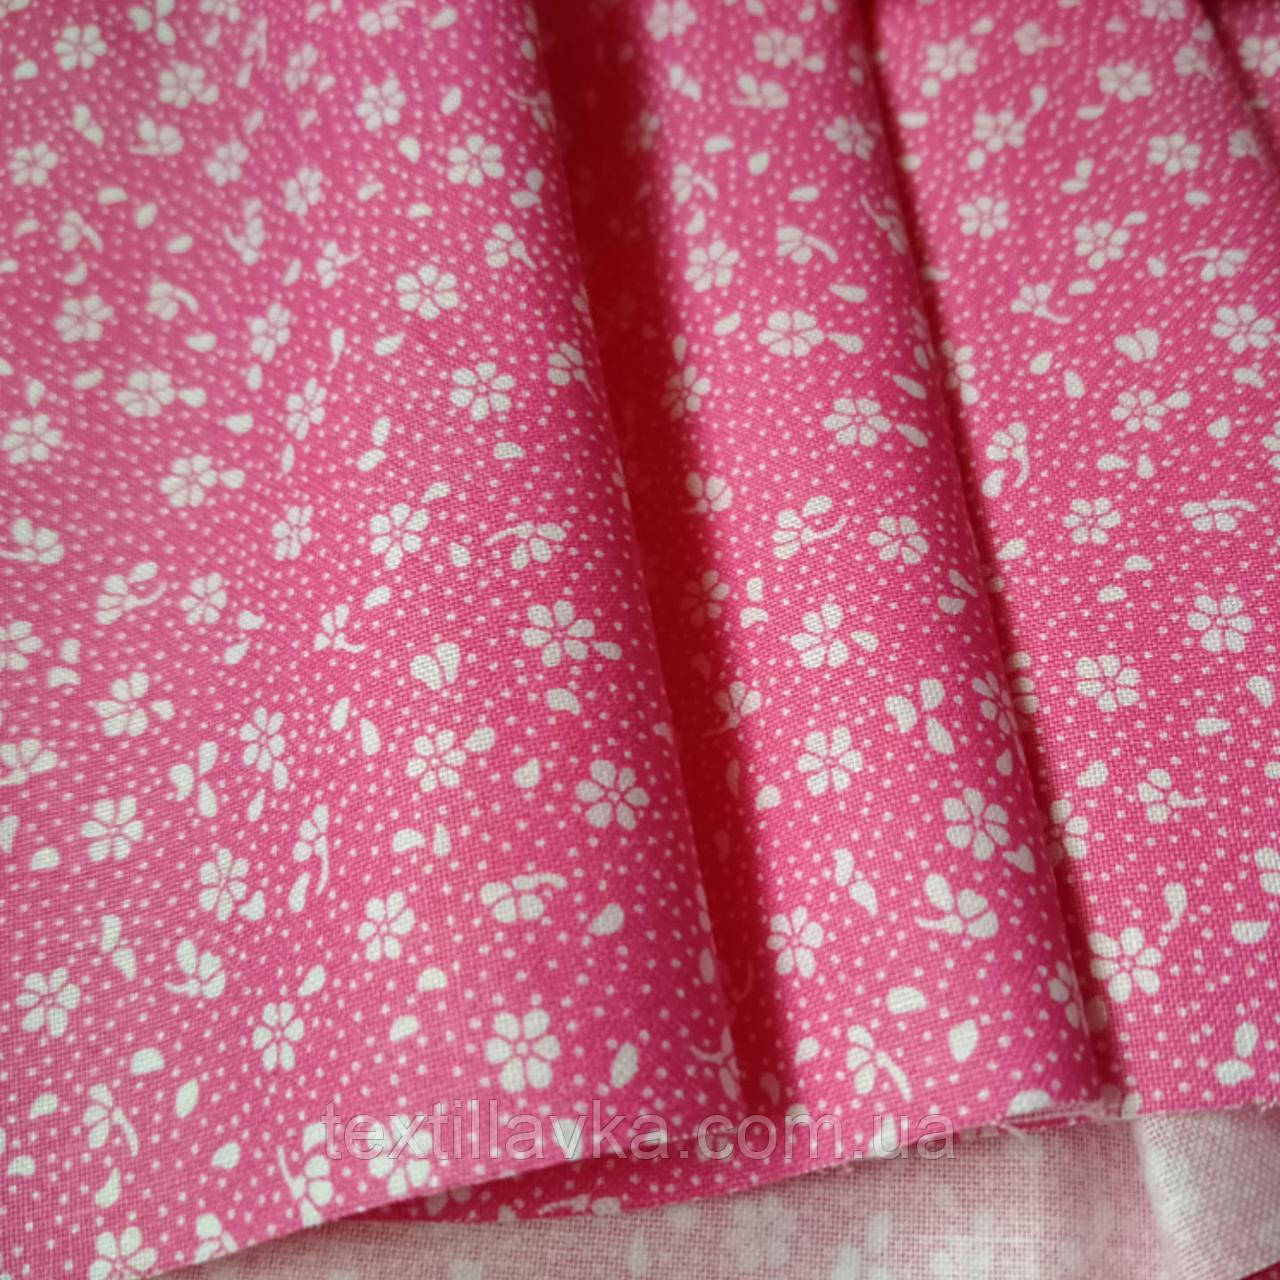 Ткань хлопок мелкие цветочки на розовом